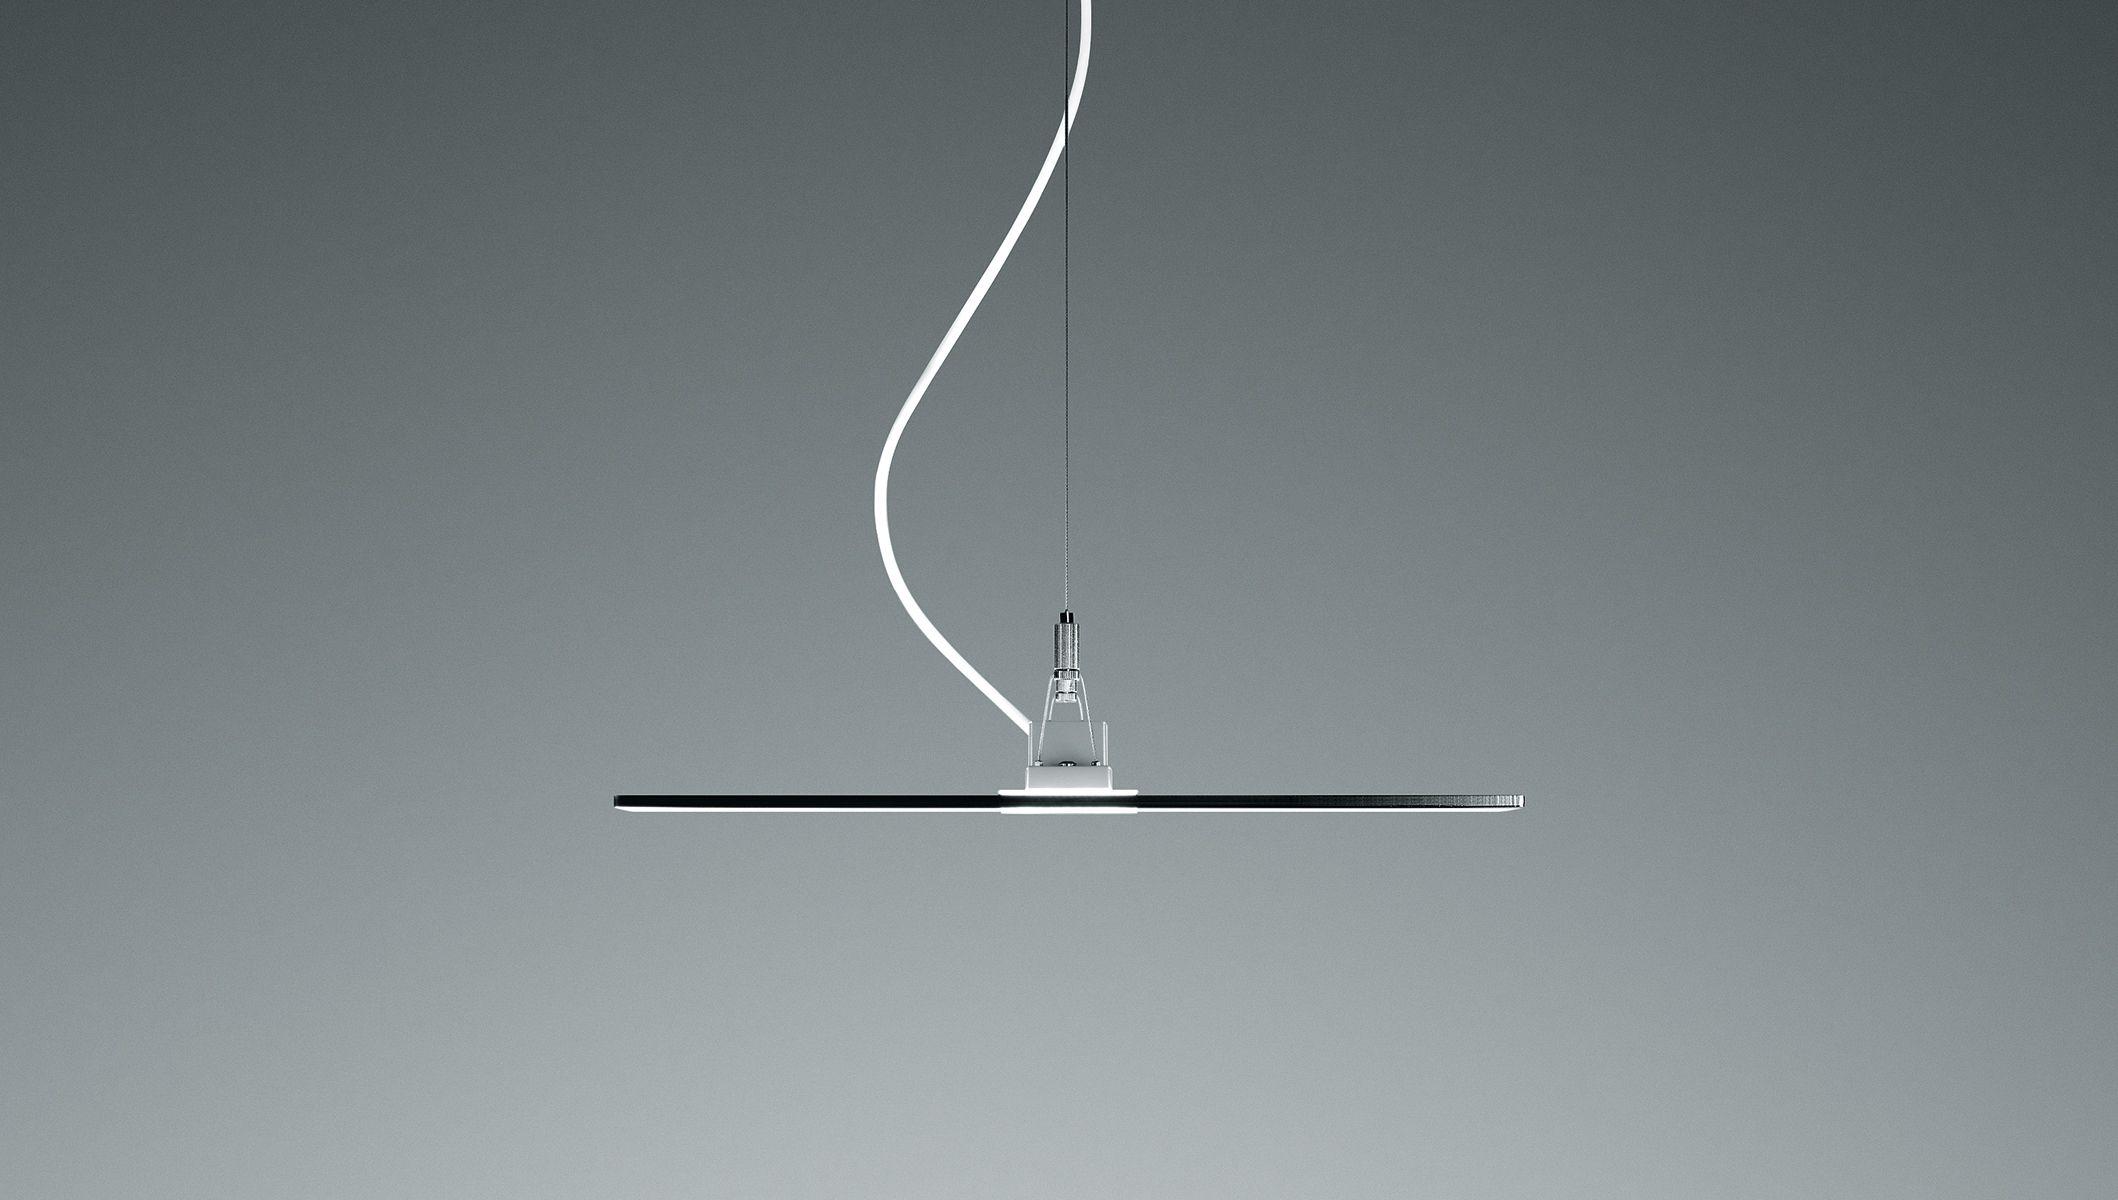 'Vaero', di Zumtobel. La sospensione si propone in modo minimalista e discreto, oggetto di arredo dello spazio anche spenta (courtesy: Zumtobel)